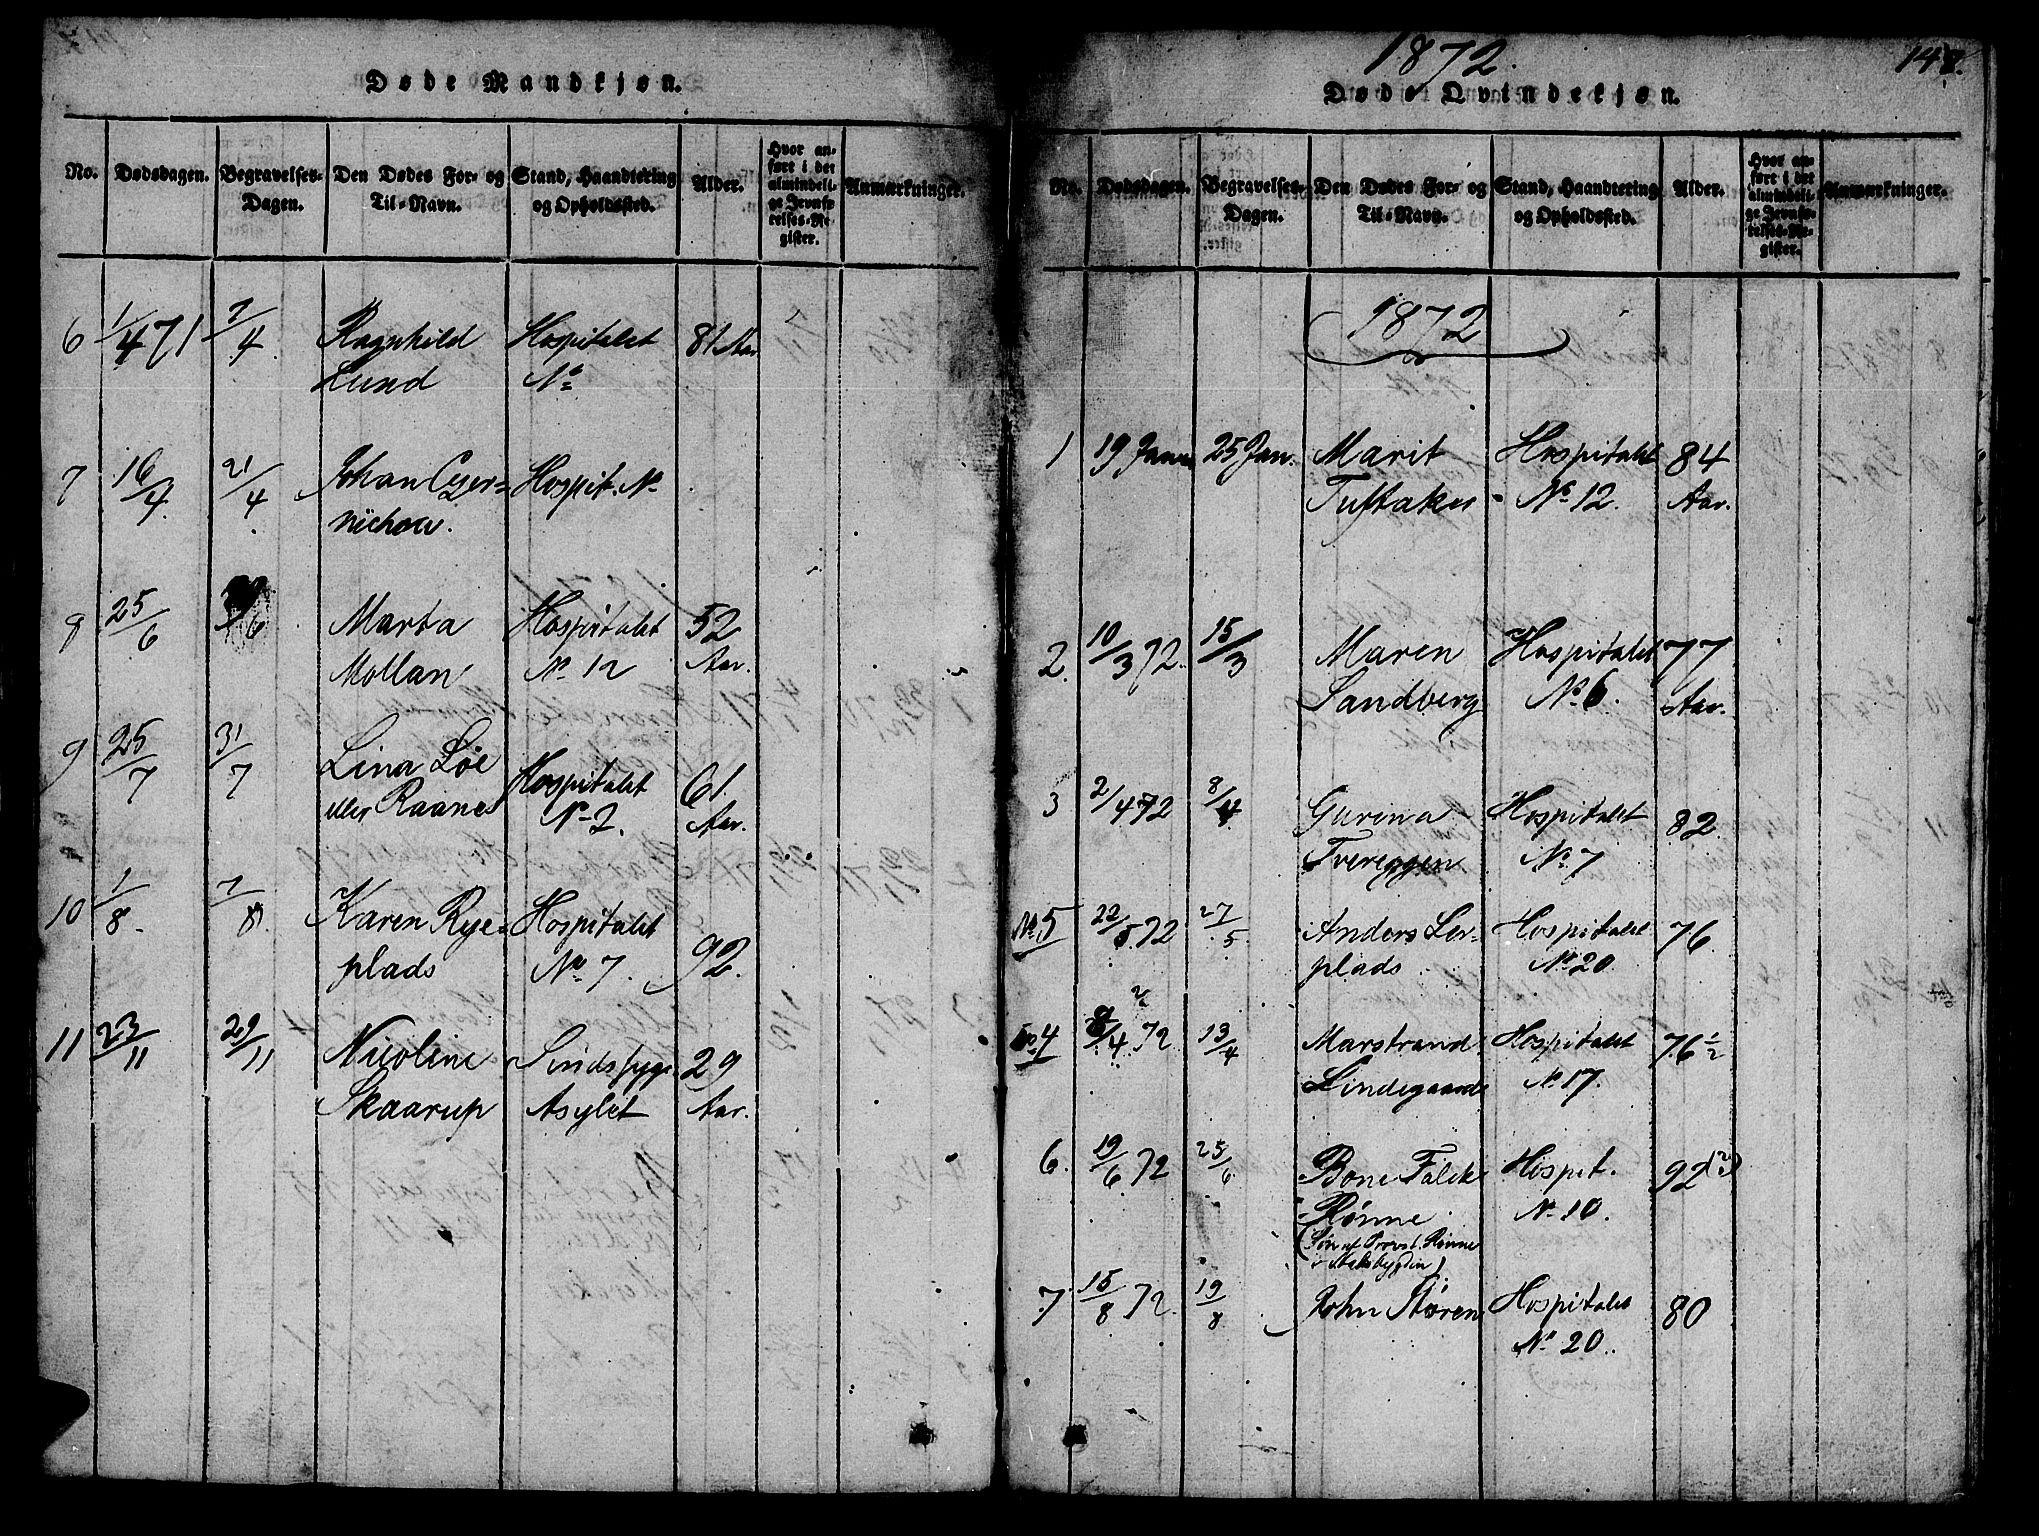 SAT, Ministerialprotokoller, klokkerbøker og fødselsregistre - Sør-Trøndelag, 623/L0478: Klokkerbok nr. 623C01, 1815-1873, s. 148